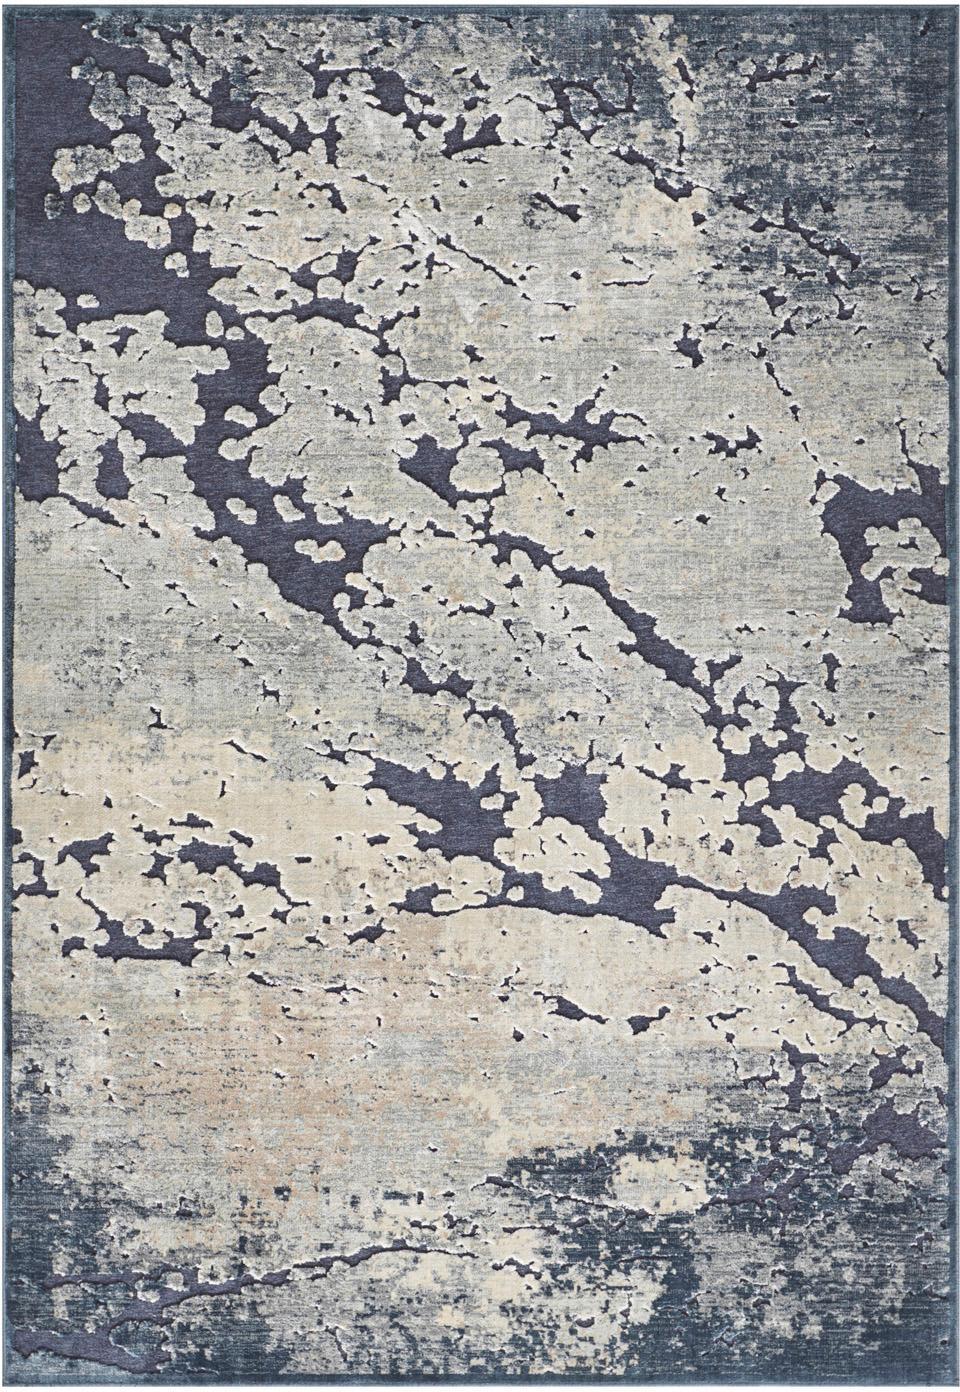 Viskose-Teppich Arroux mit Hoch-Tief-Effekt, Flor: 90%Viskose, 10%Polyeste, Dunkelblau, Beige, B 120 x L 170 cm (Grösse S)